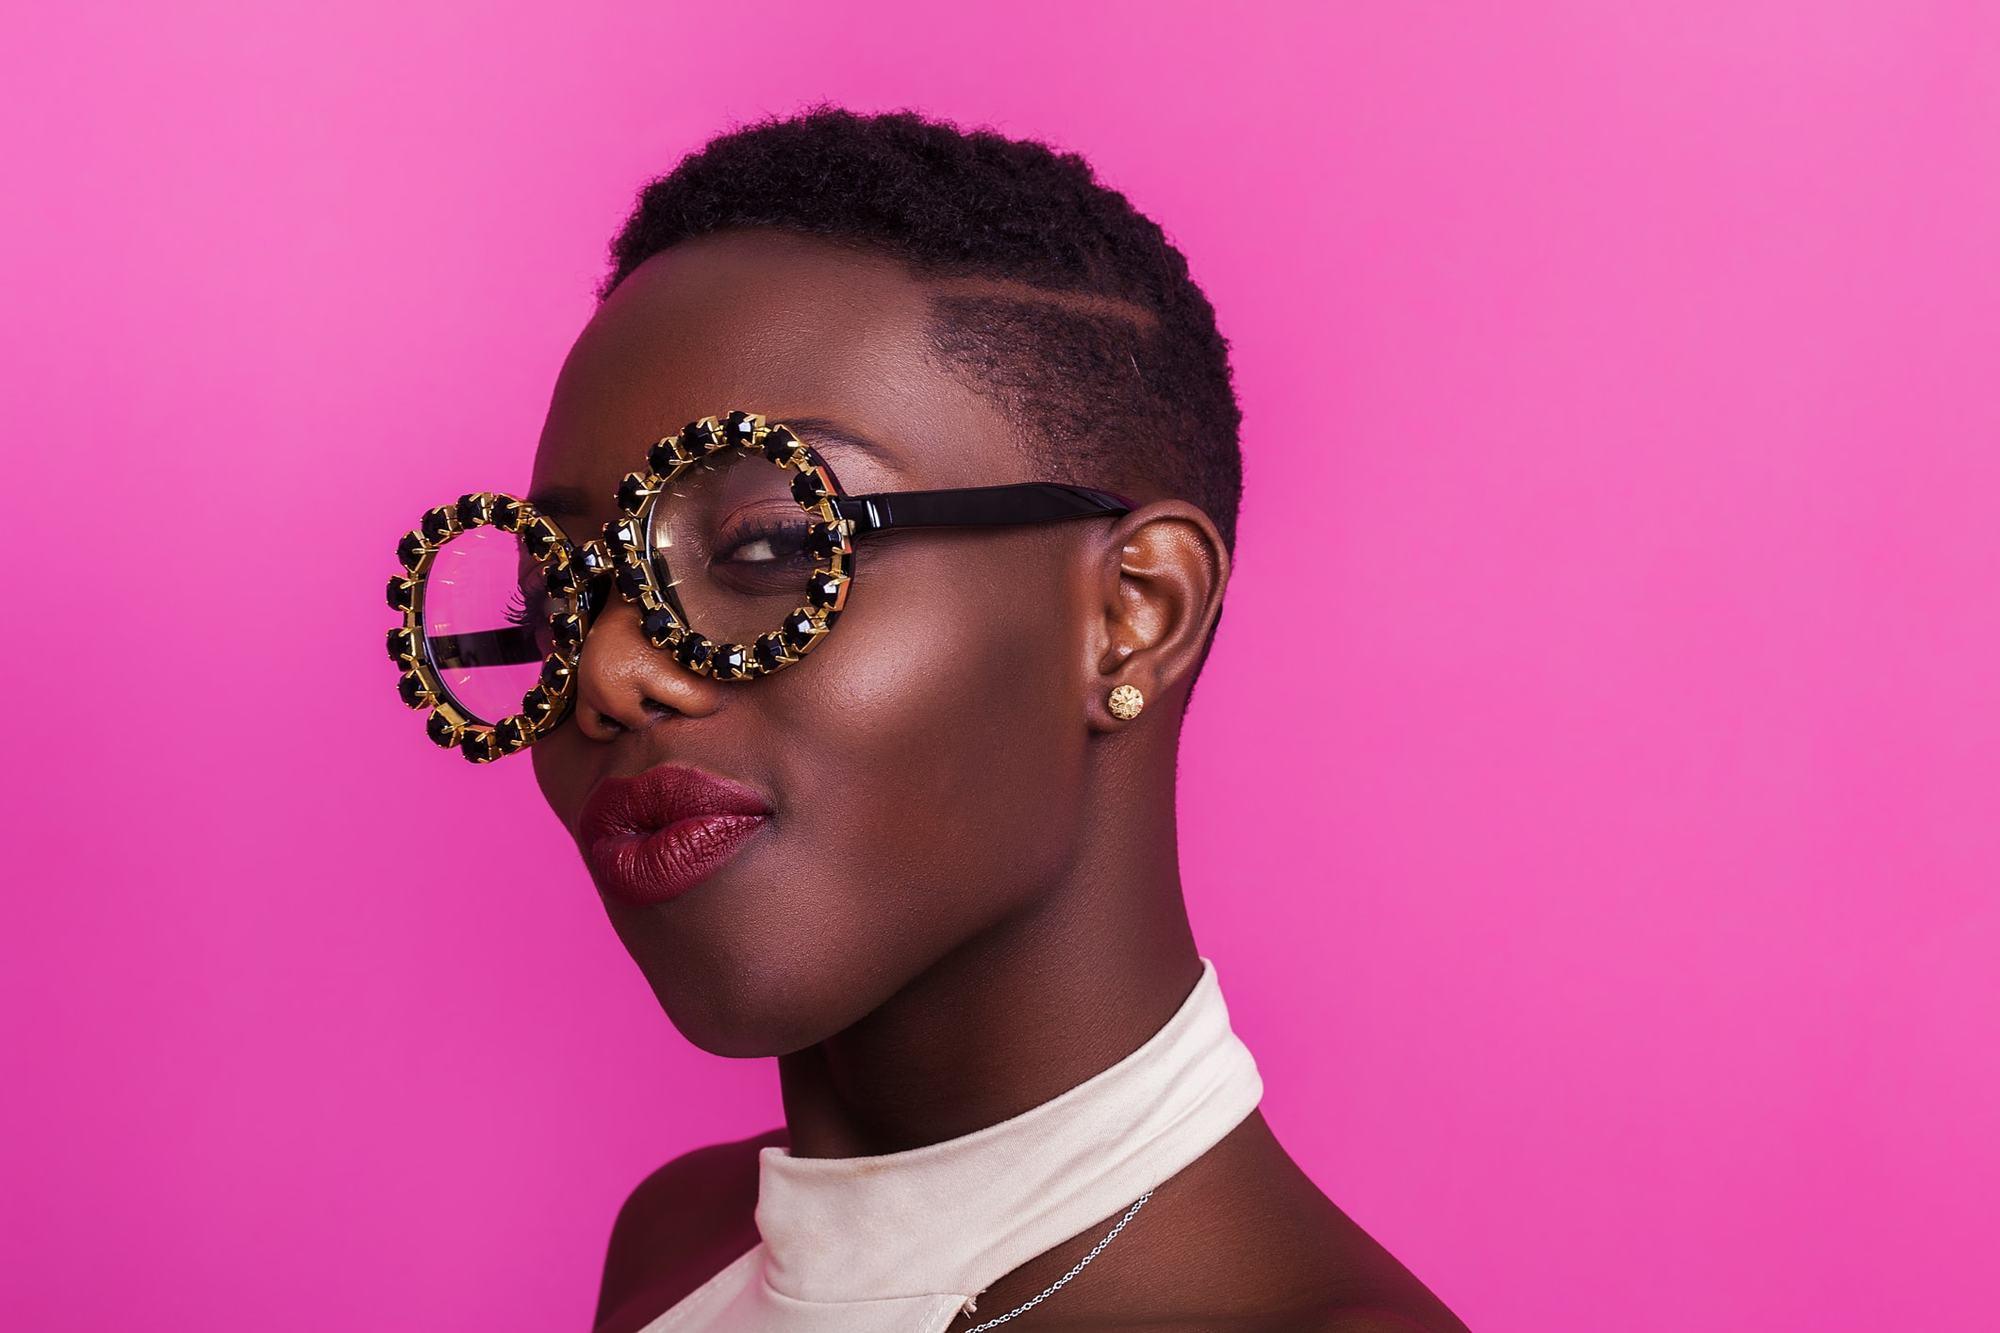 Femme coupée en cheveux : Femme à la coupe afro courte et rasée, portant des lunettes et se tenant sur un fond rose